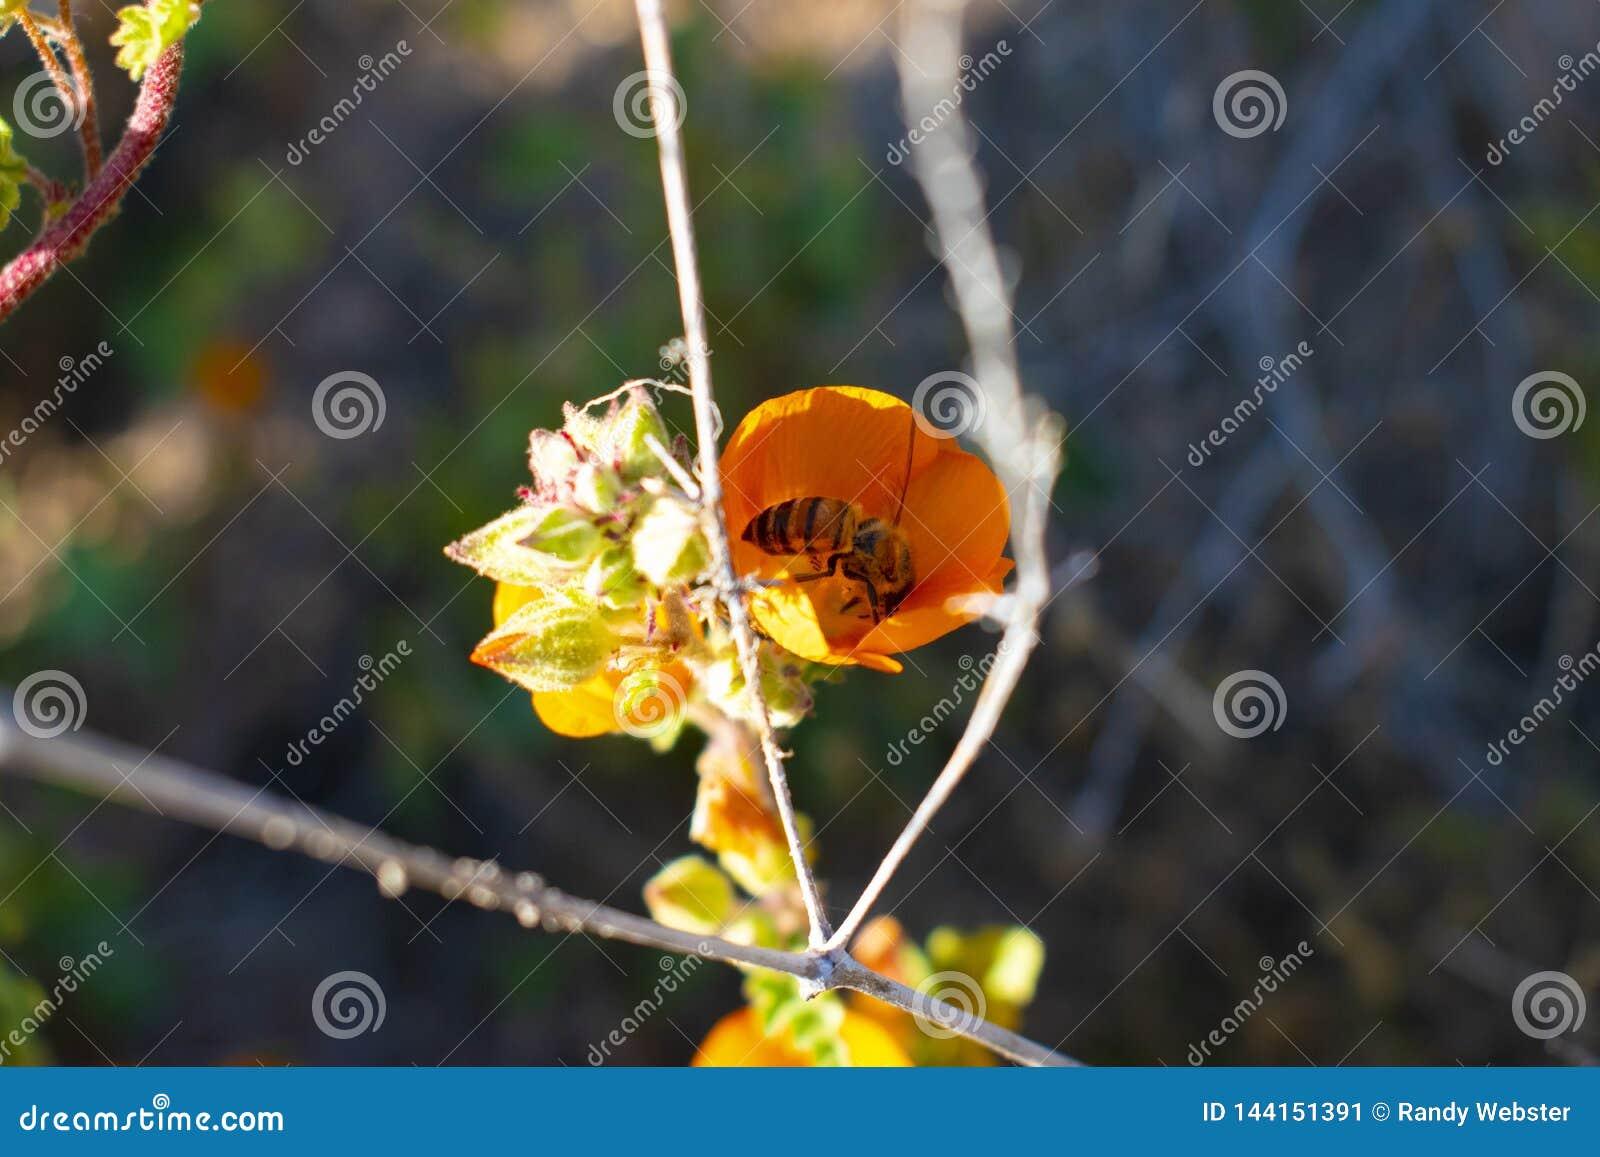 Цветок пустыни Аризоны с пчелой